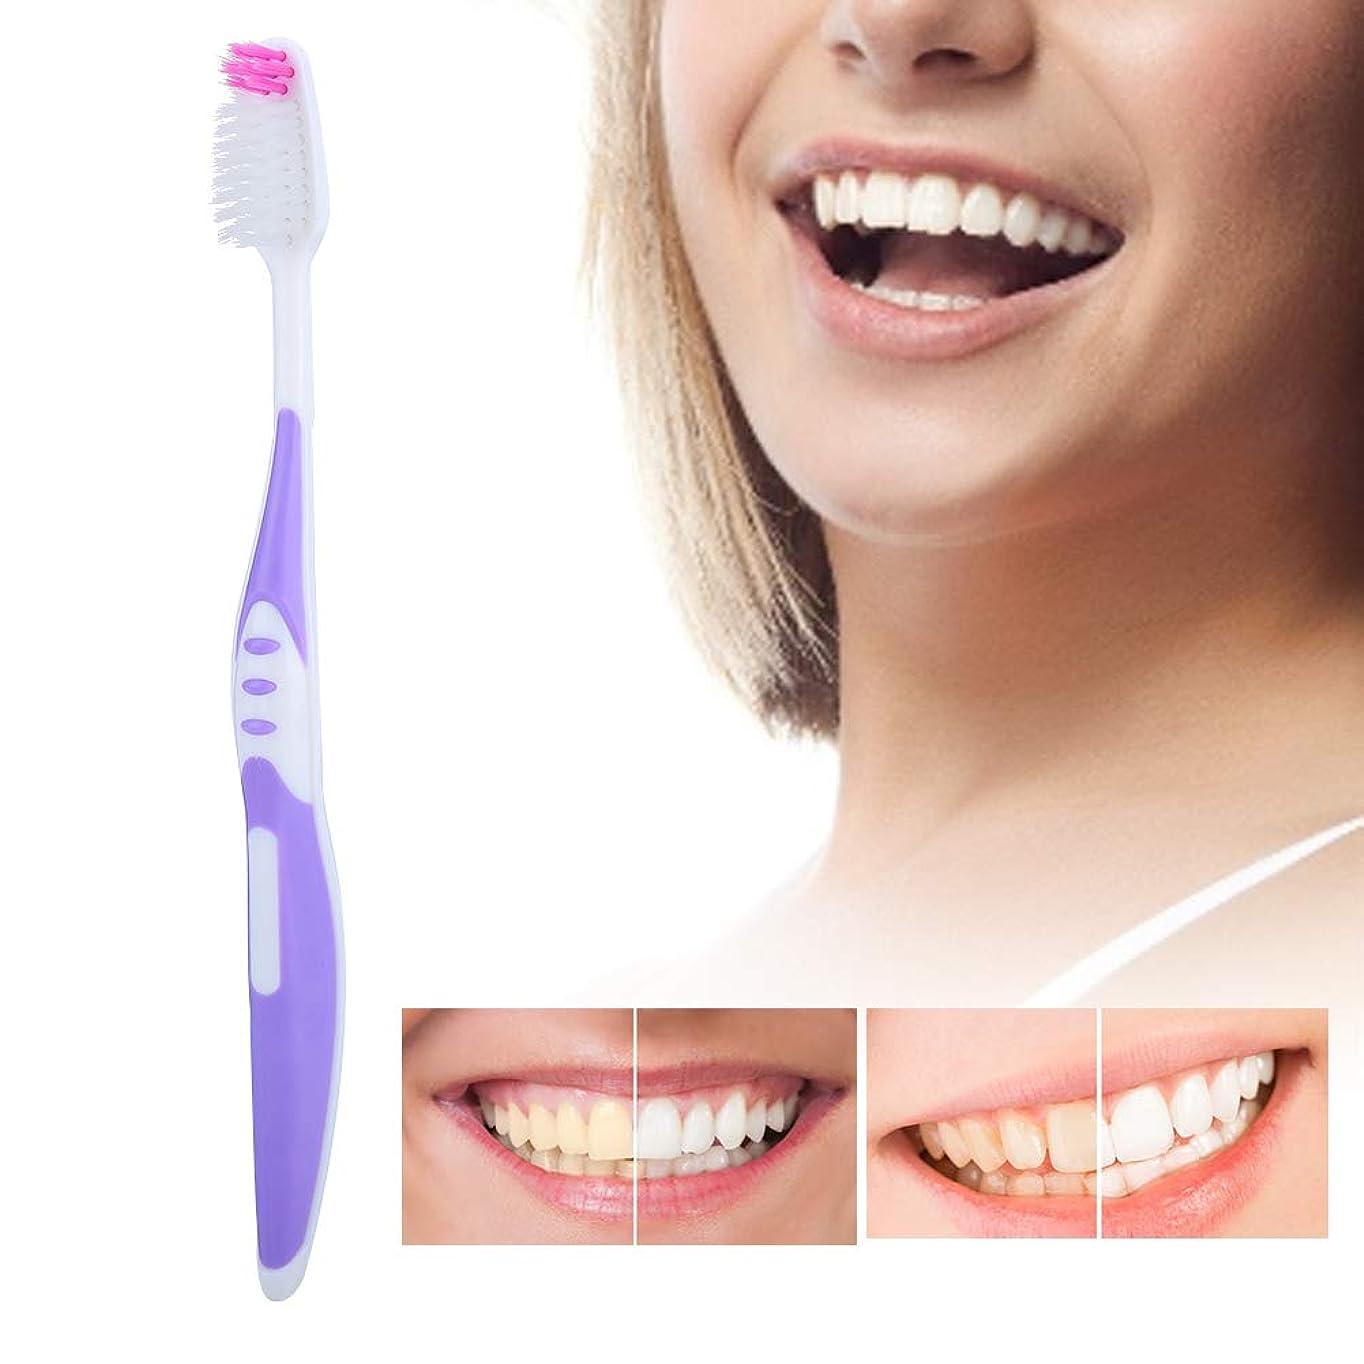 コンクリートアラビア語色ソフトブラシ髪の歯ブラシ10個入りpp滑り止めハンドル歯のクレンジングブラシ用大人パープル